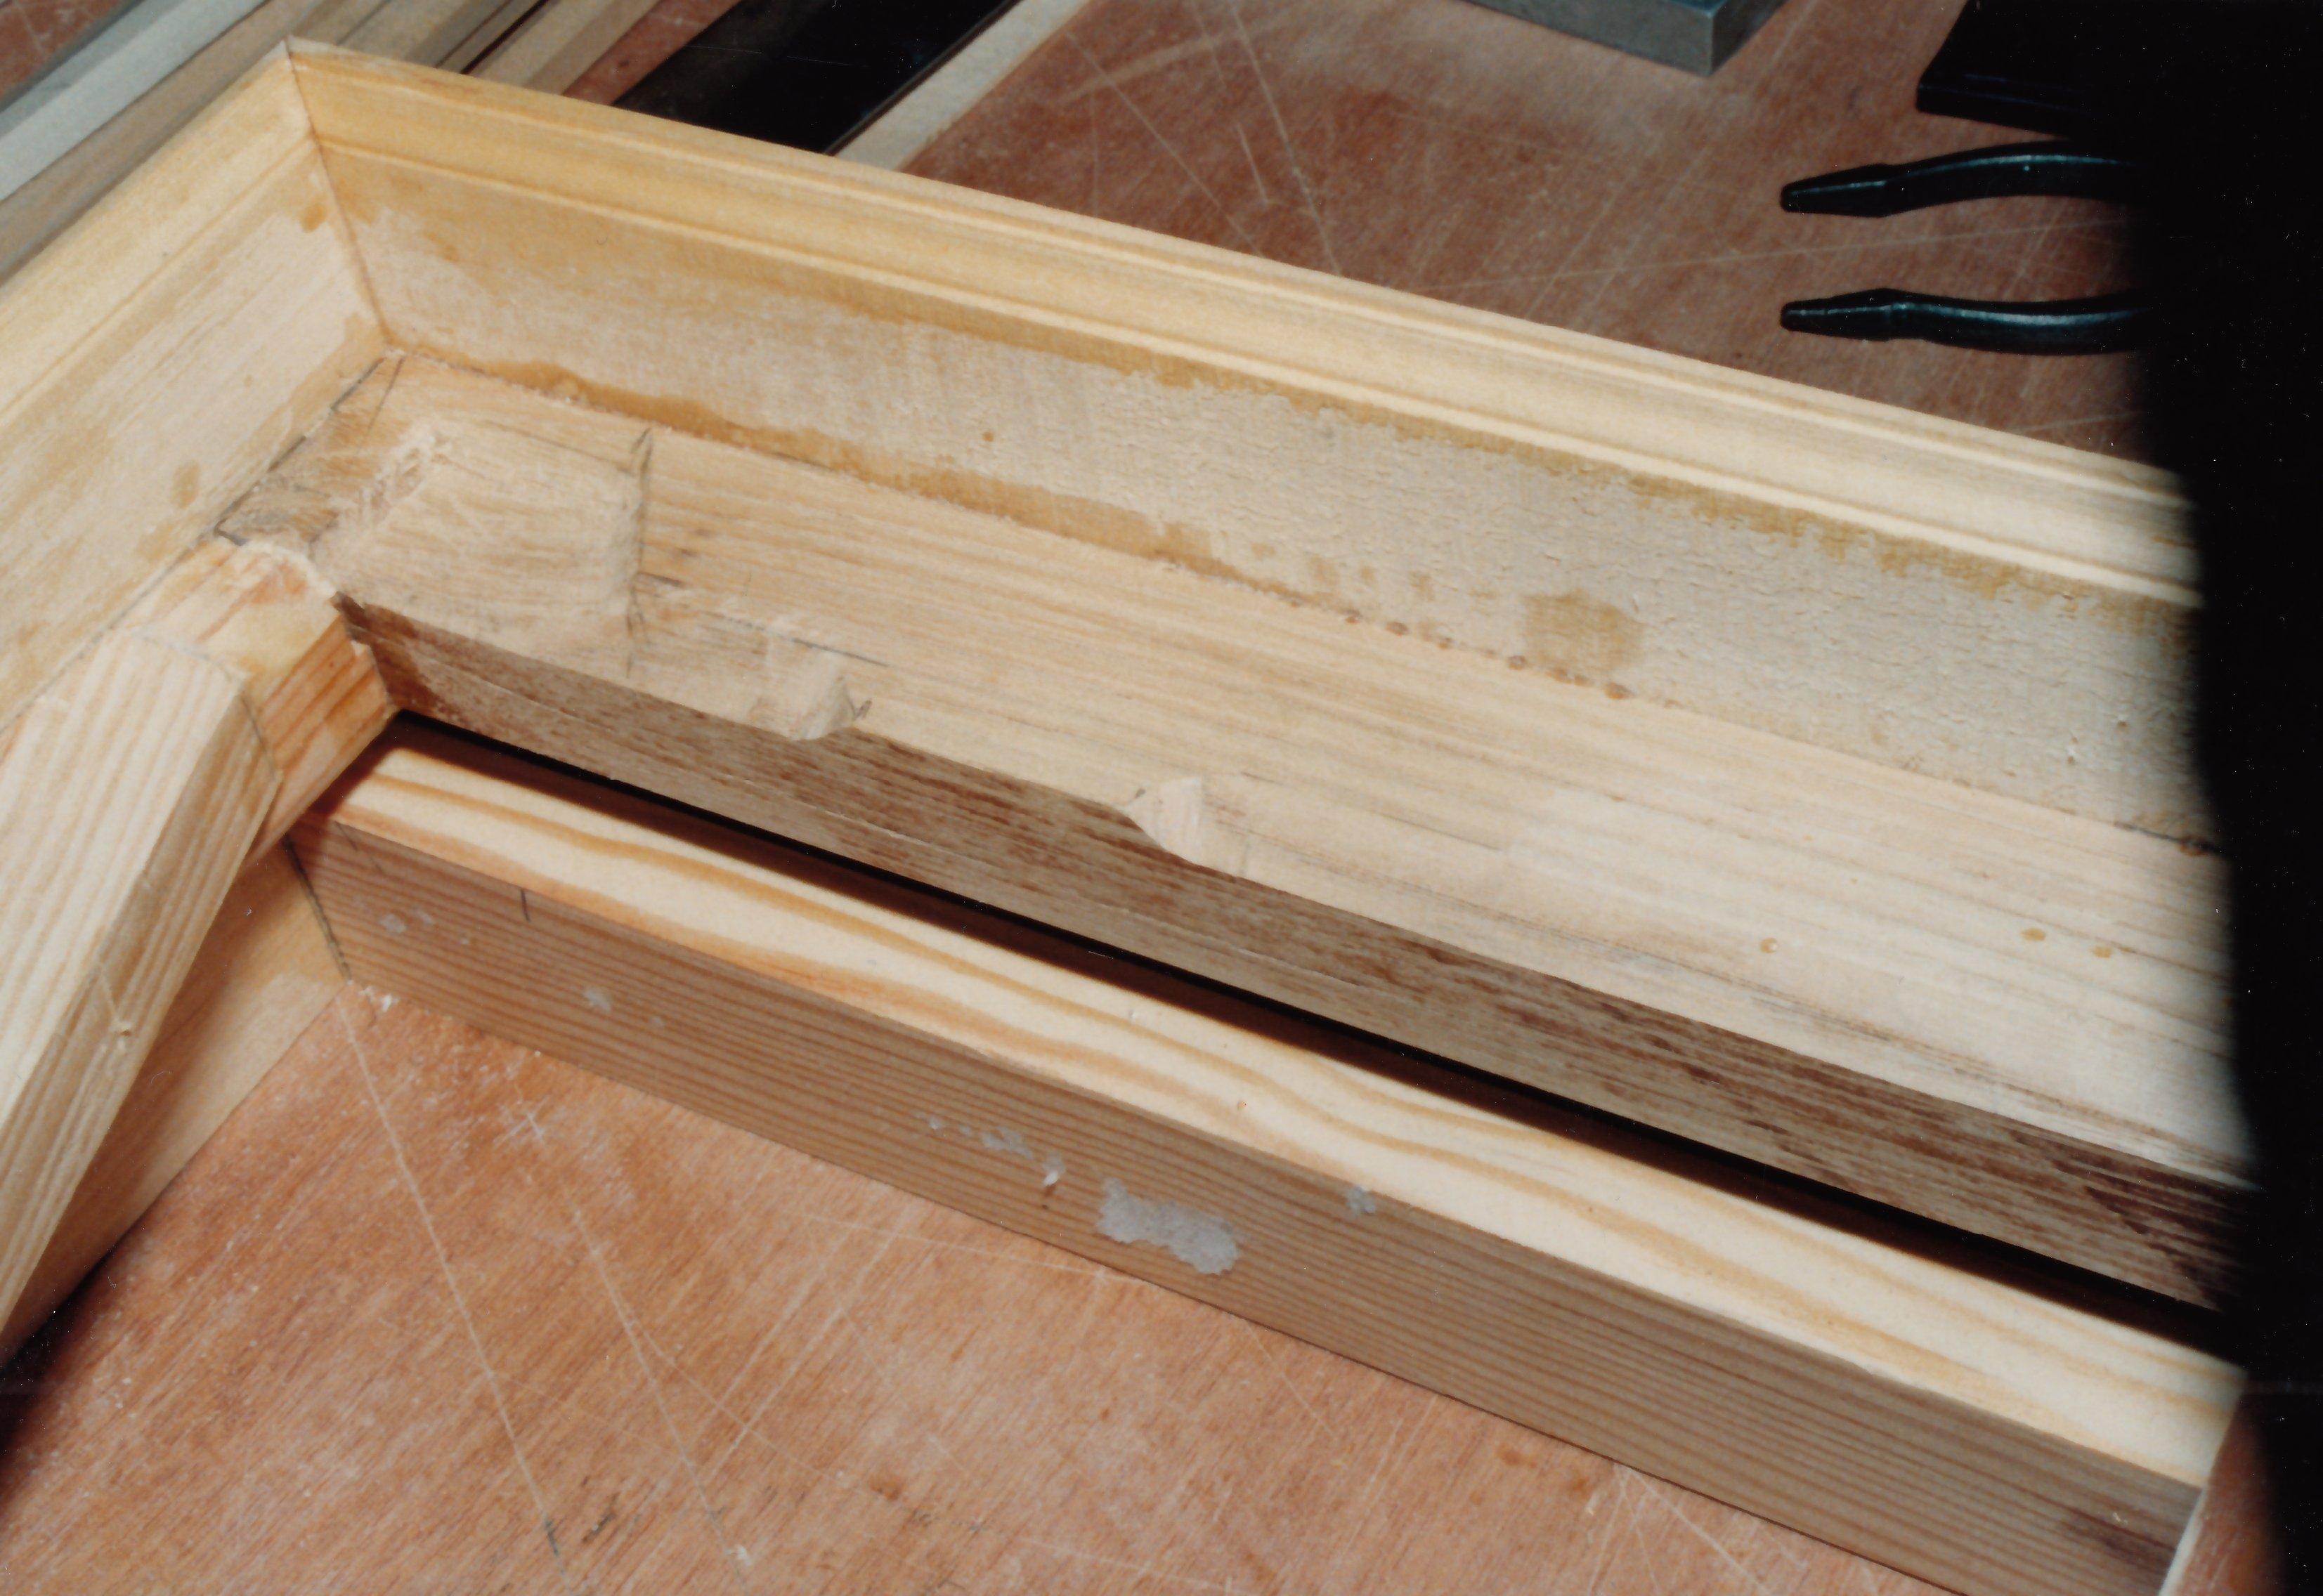 Fabrication d'instruments de musique anciens de bgire - Page 2 20030510294123134916674680